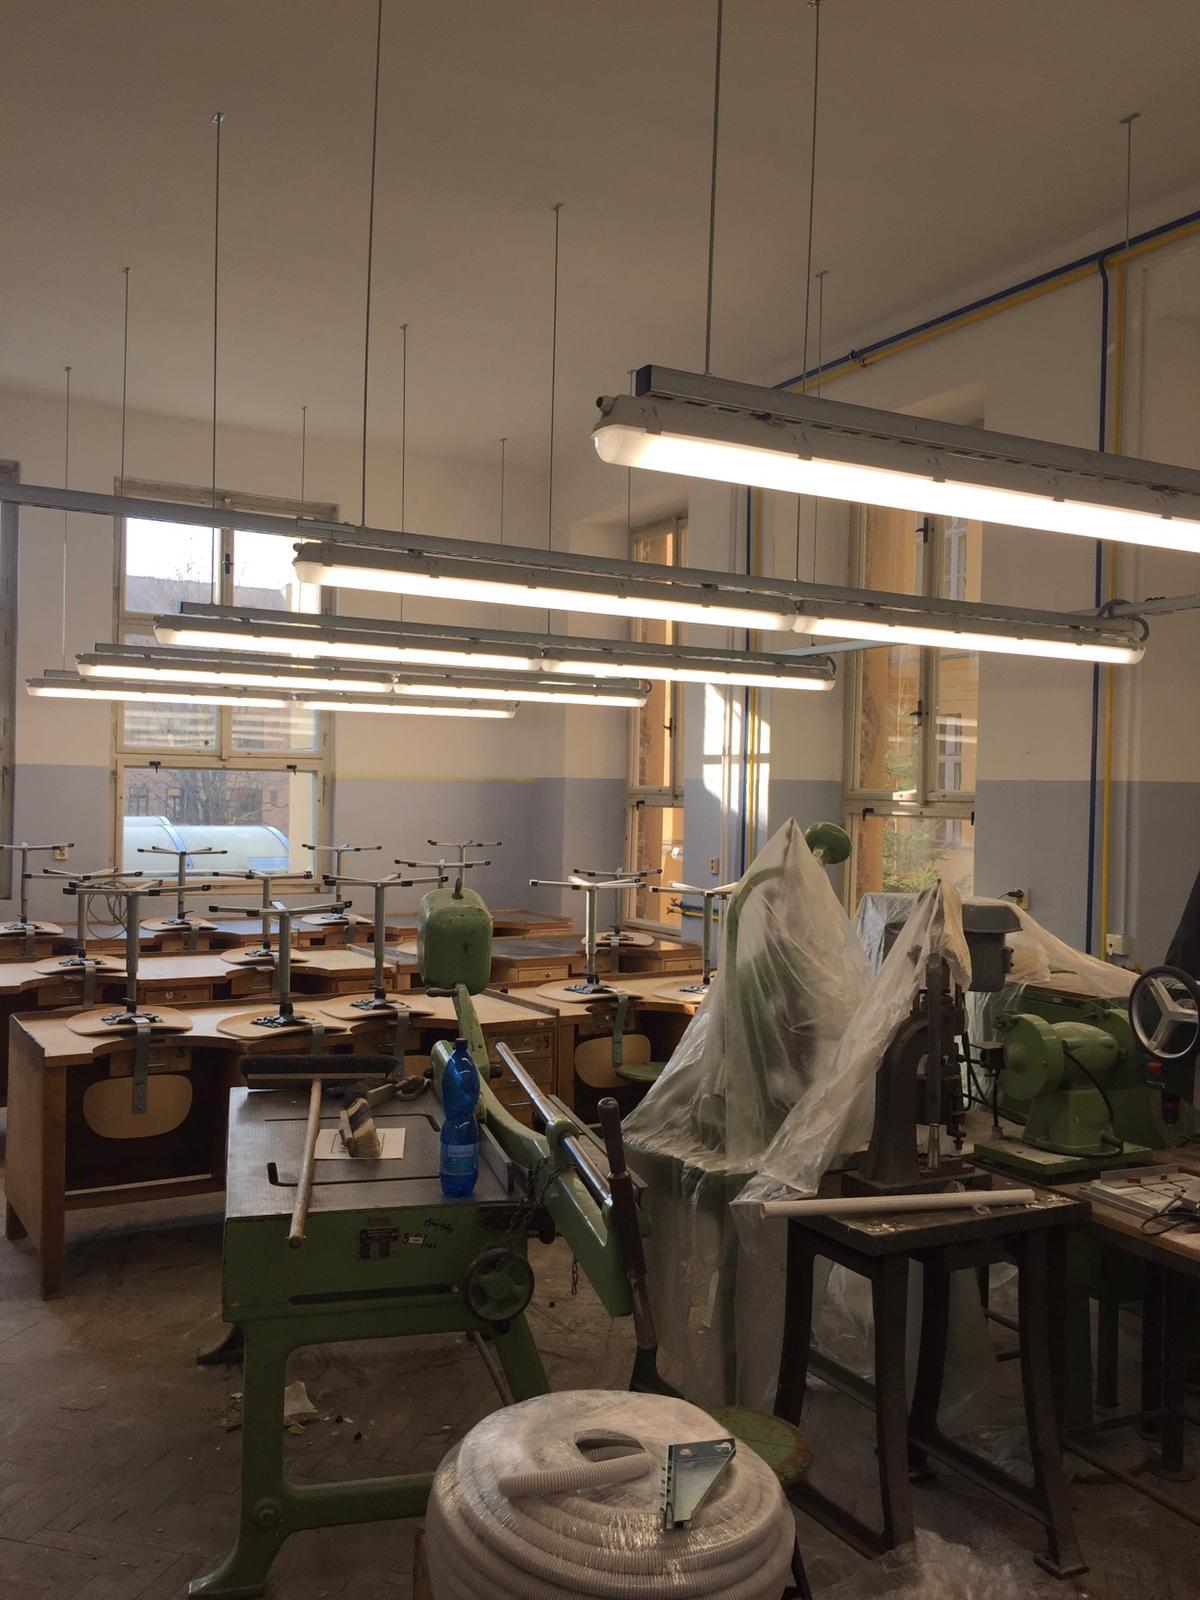 Střední průmyslová škola v Jablonci nad Nisou, LED zářivková svítidla 16